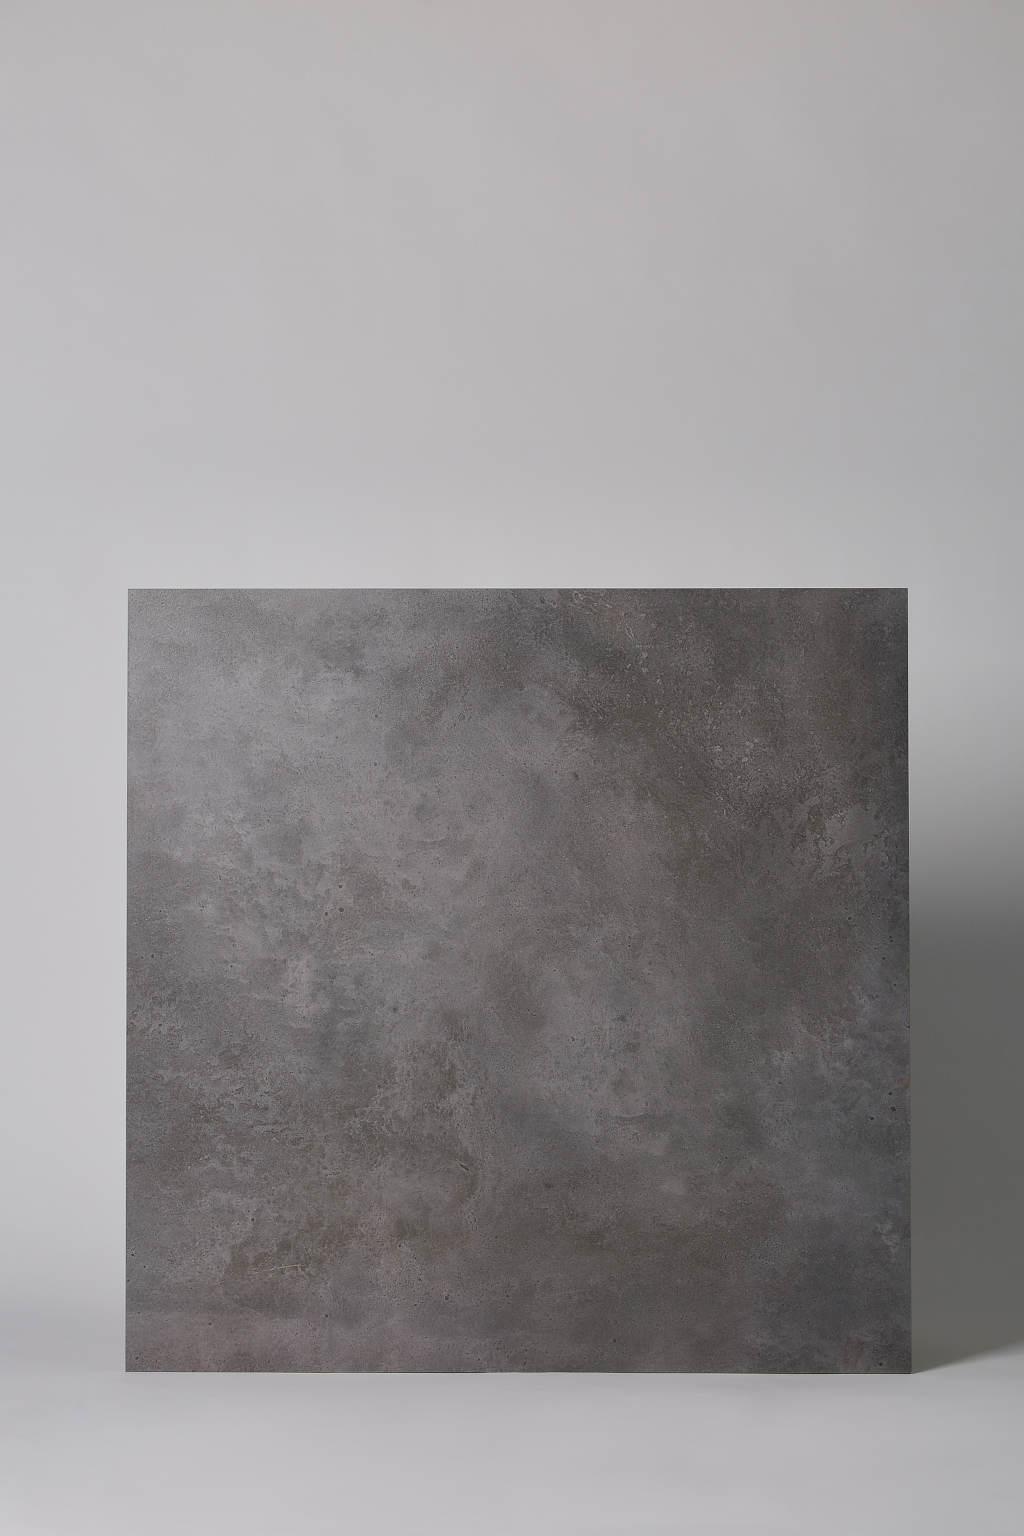 Płytka włoska, gresowa, rektyfikowana, mrozoodporna, podłoga, taras, matowa, rozmiar 81x81cm - COTTO PETRUS Emotion antracite